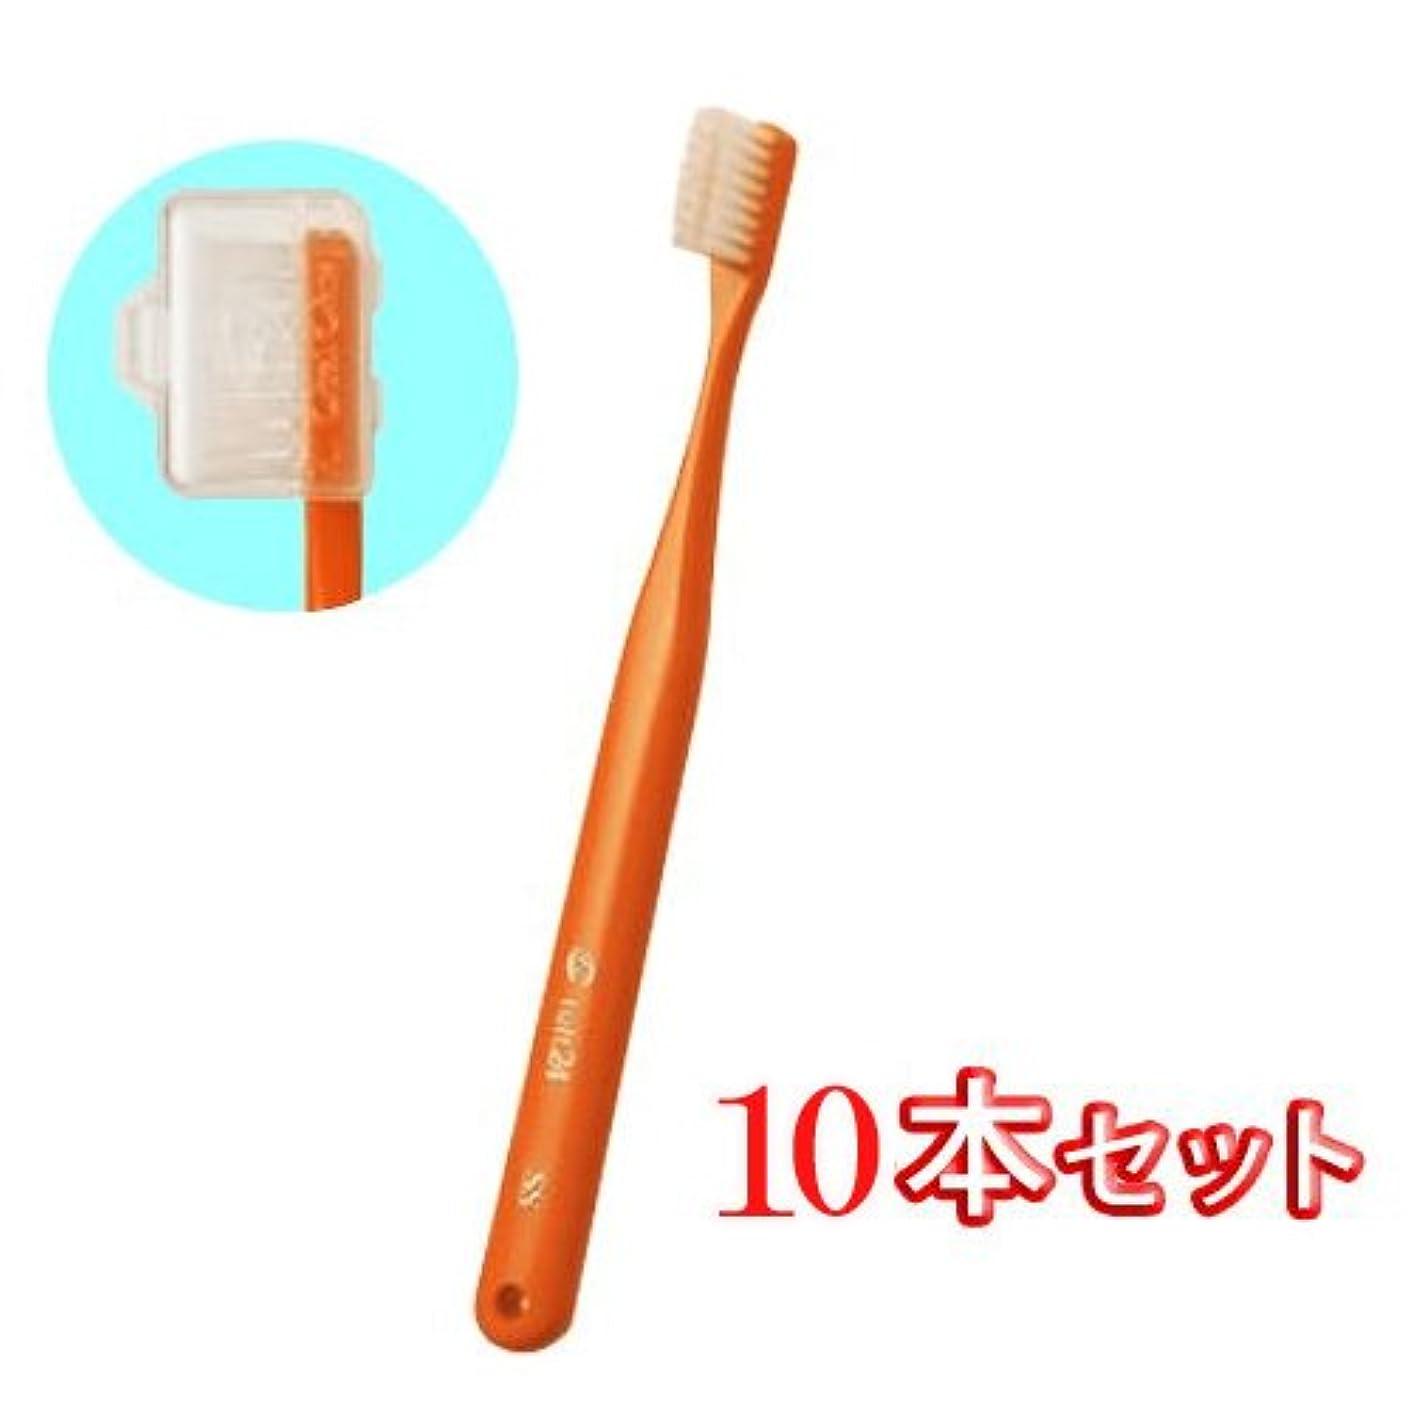 ピラミッドボルト戦うオーラルケア キャップ付き タフト 24 歯ブラシ スーパーソフト 10本 (オレンジ)